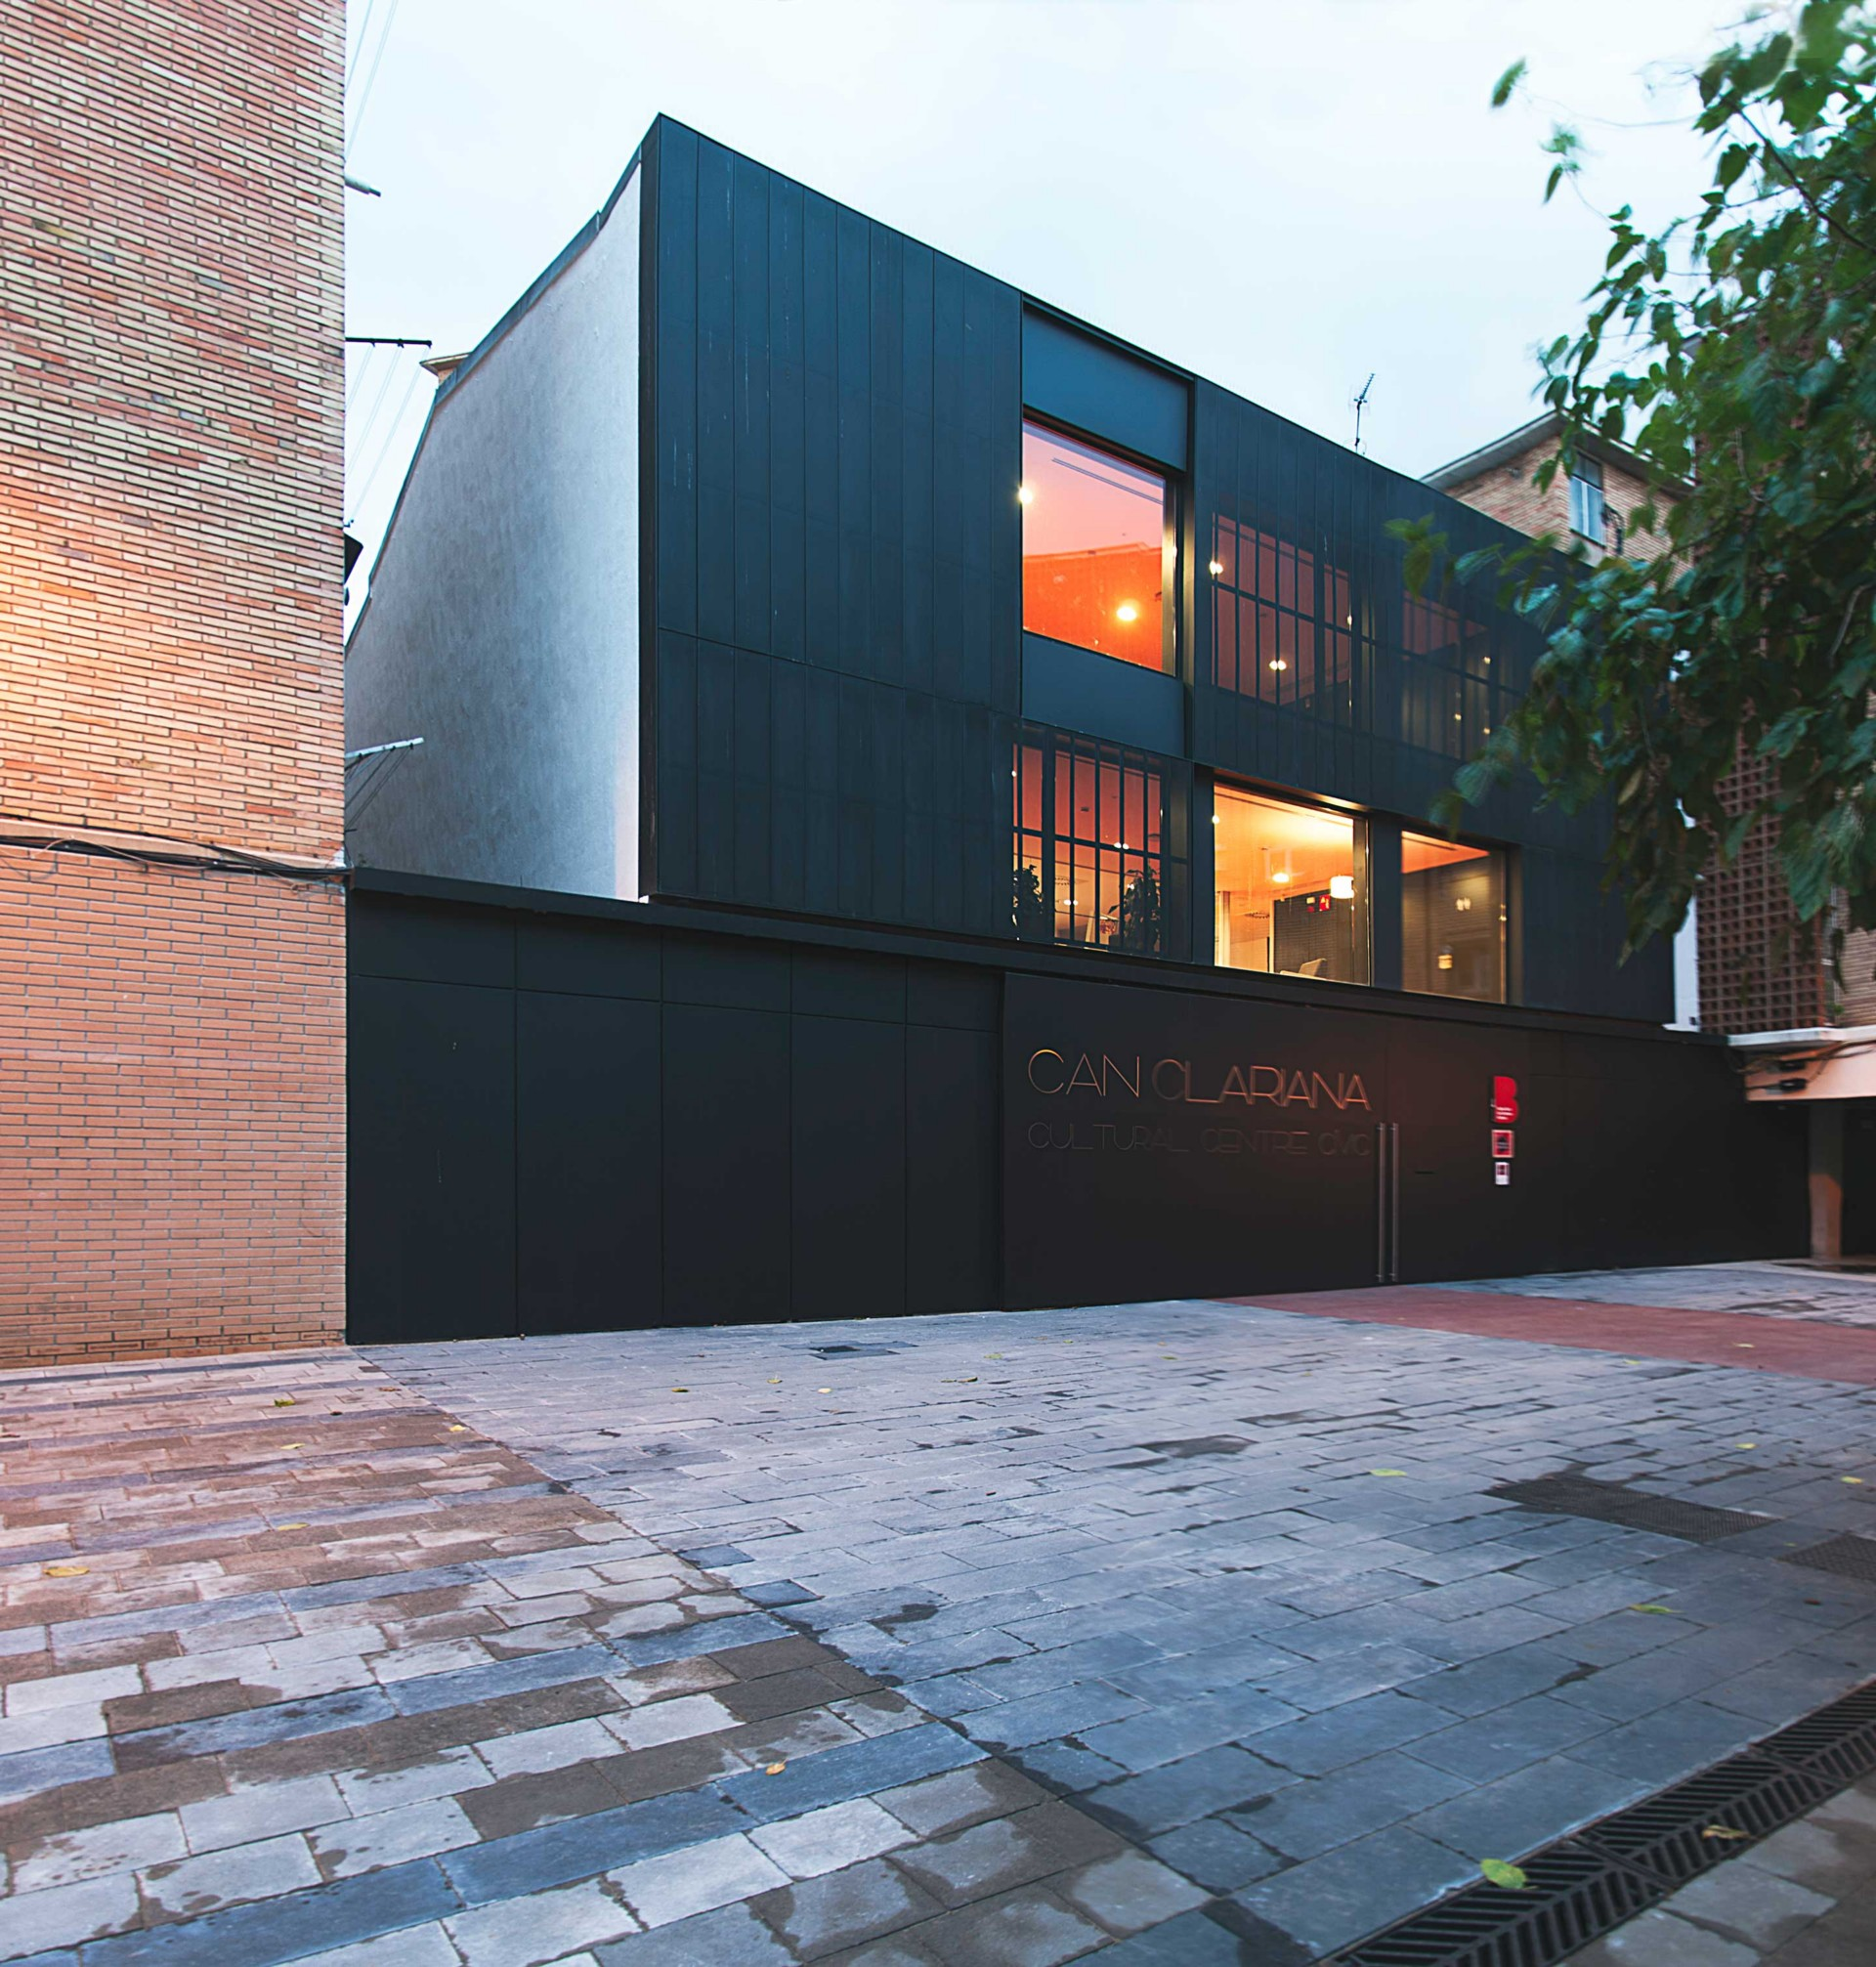 BCQ arquitectura Centro Civico CAN CLARIANA CULTURAL Barcellona